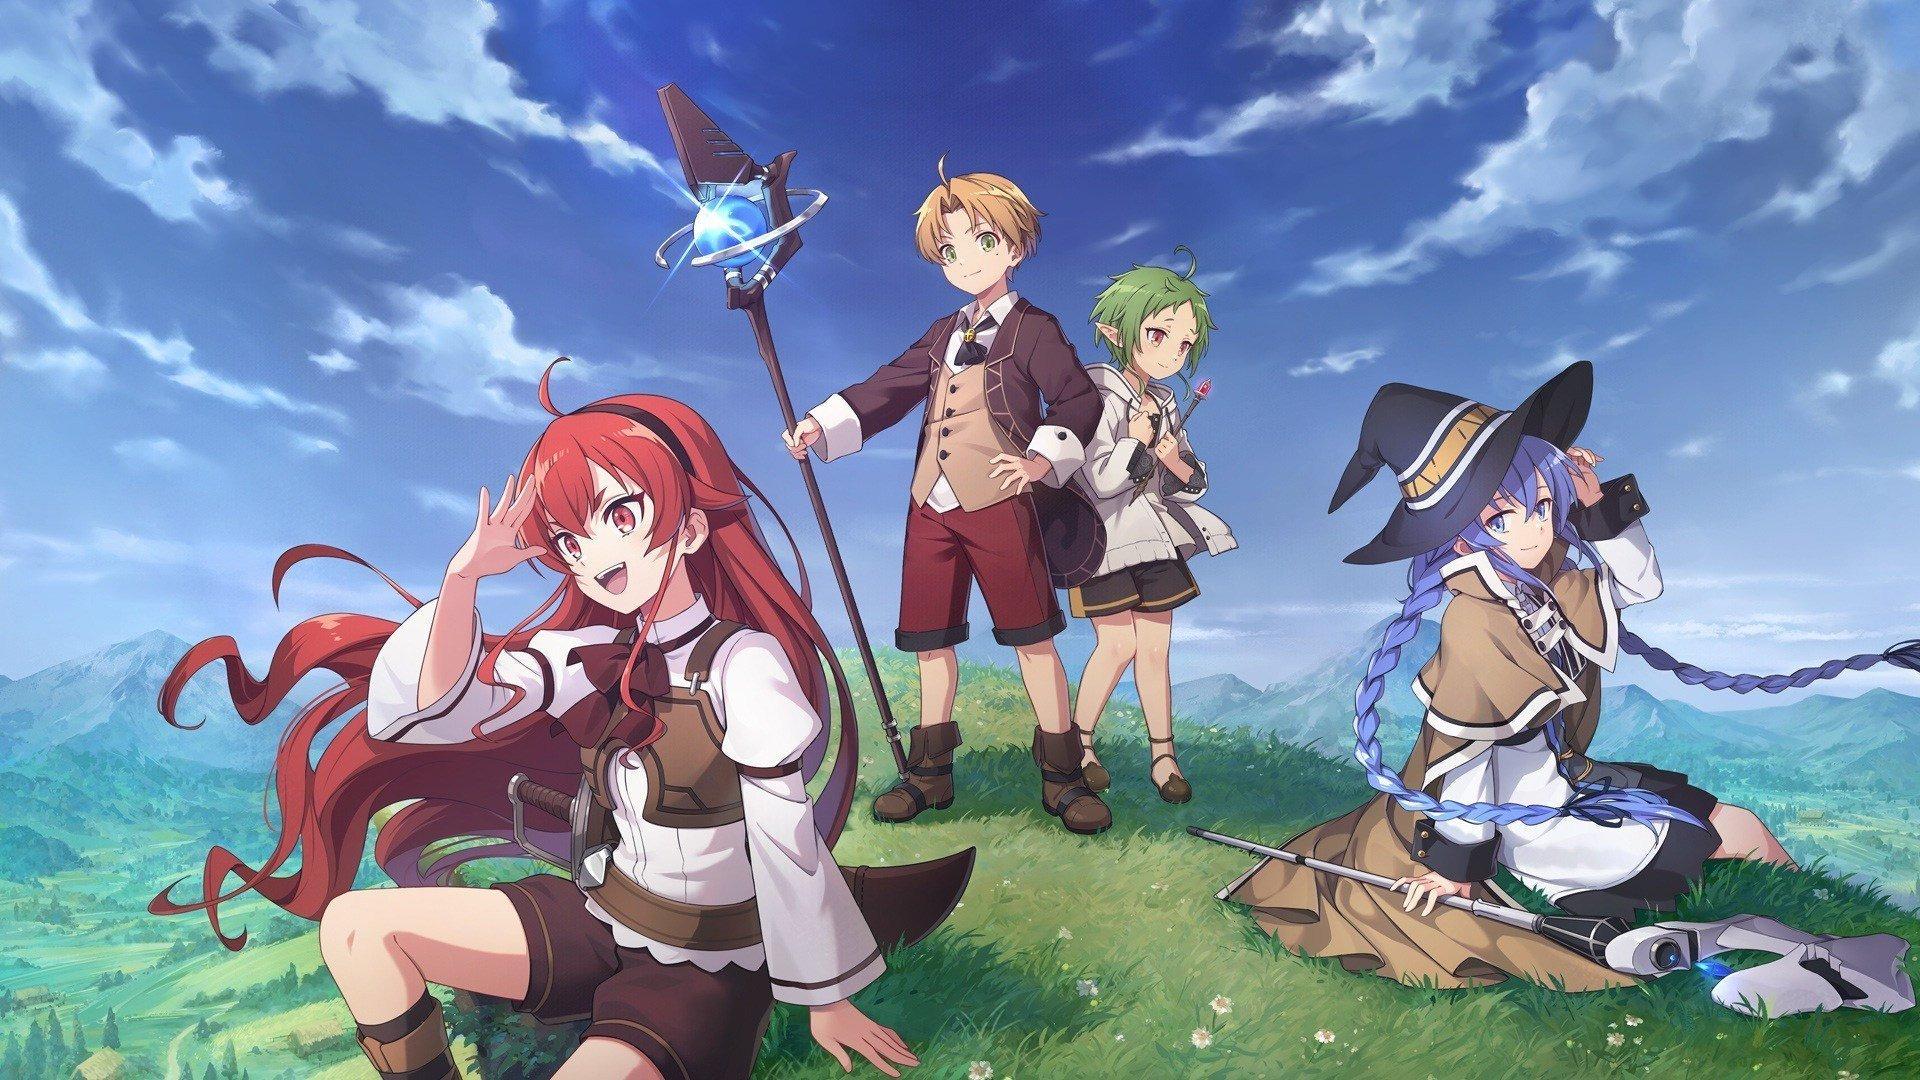 Anime Mushoku Tensei: Jobless Reincarnation